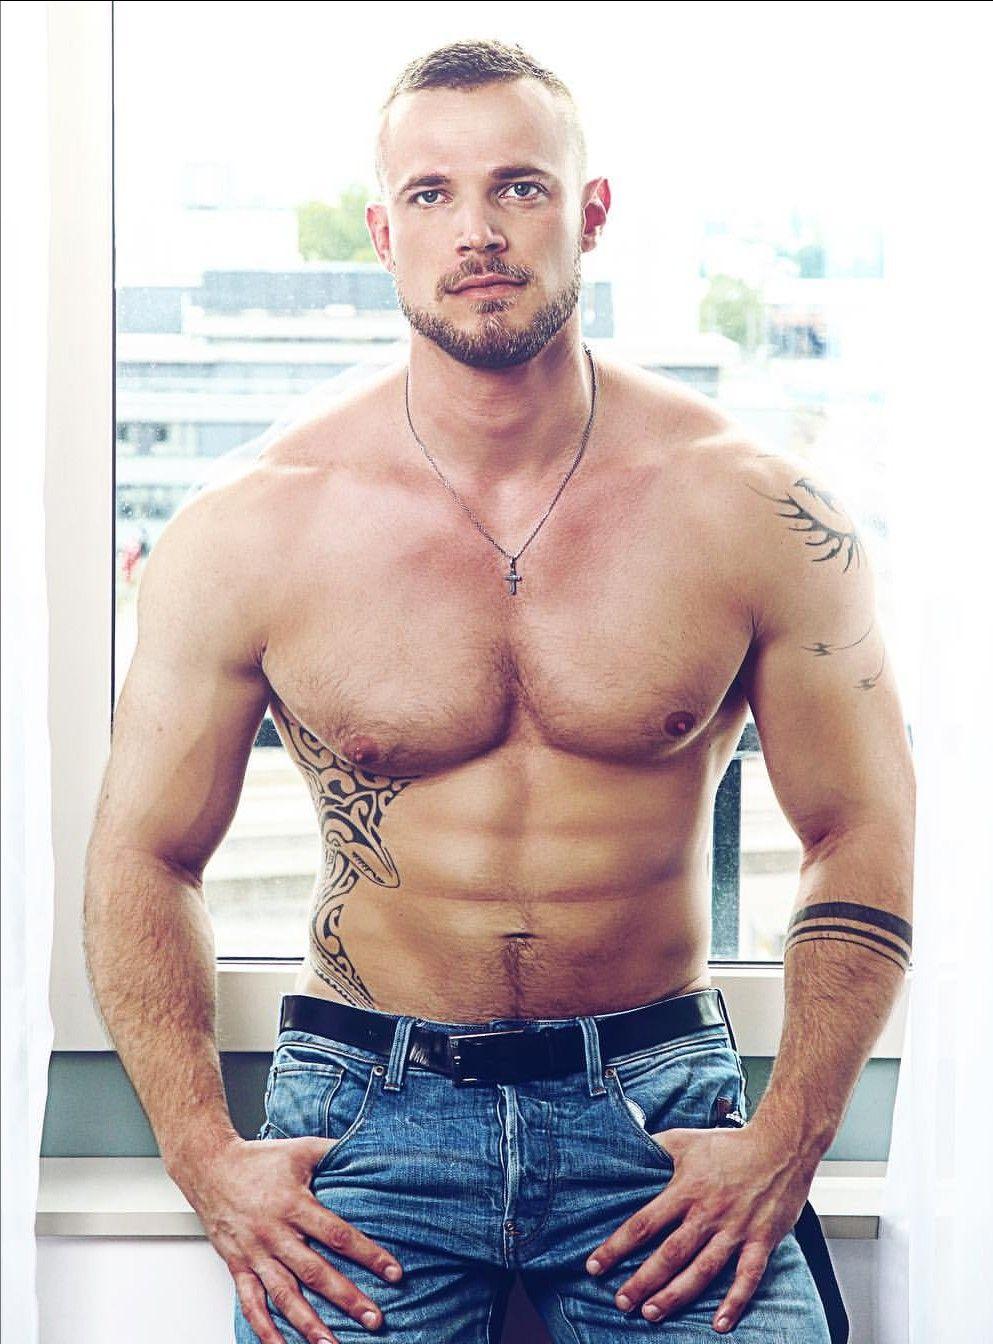 Muscle men plowing